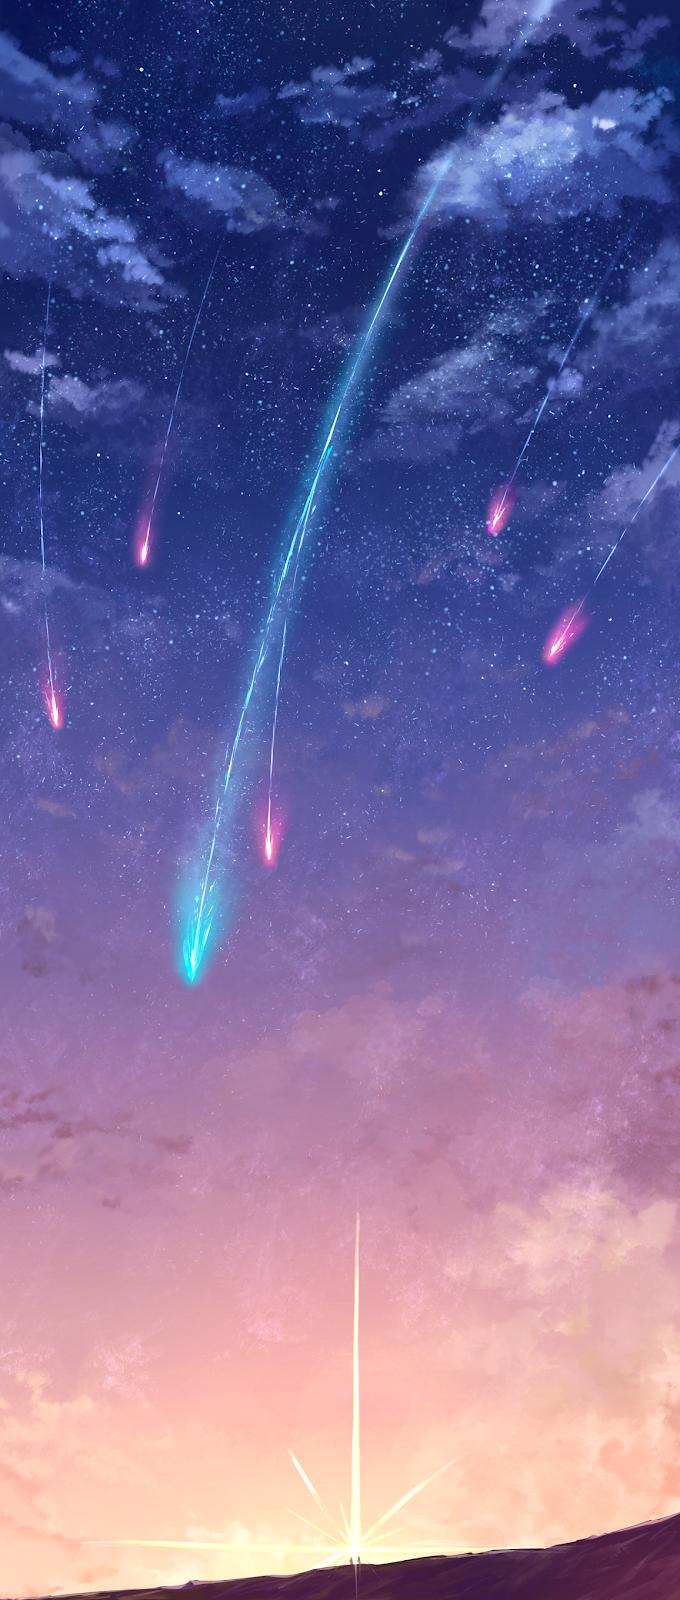 Starfall in the sky